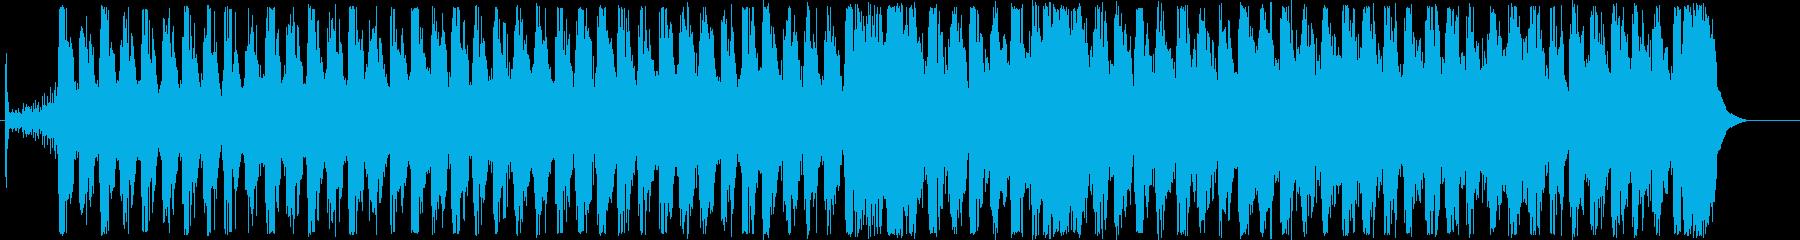 明るく元気なテンポの良い吹奏楽の再生済みの波形